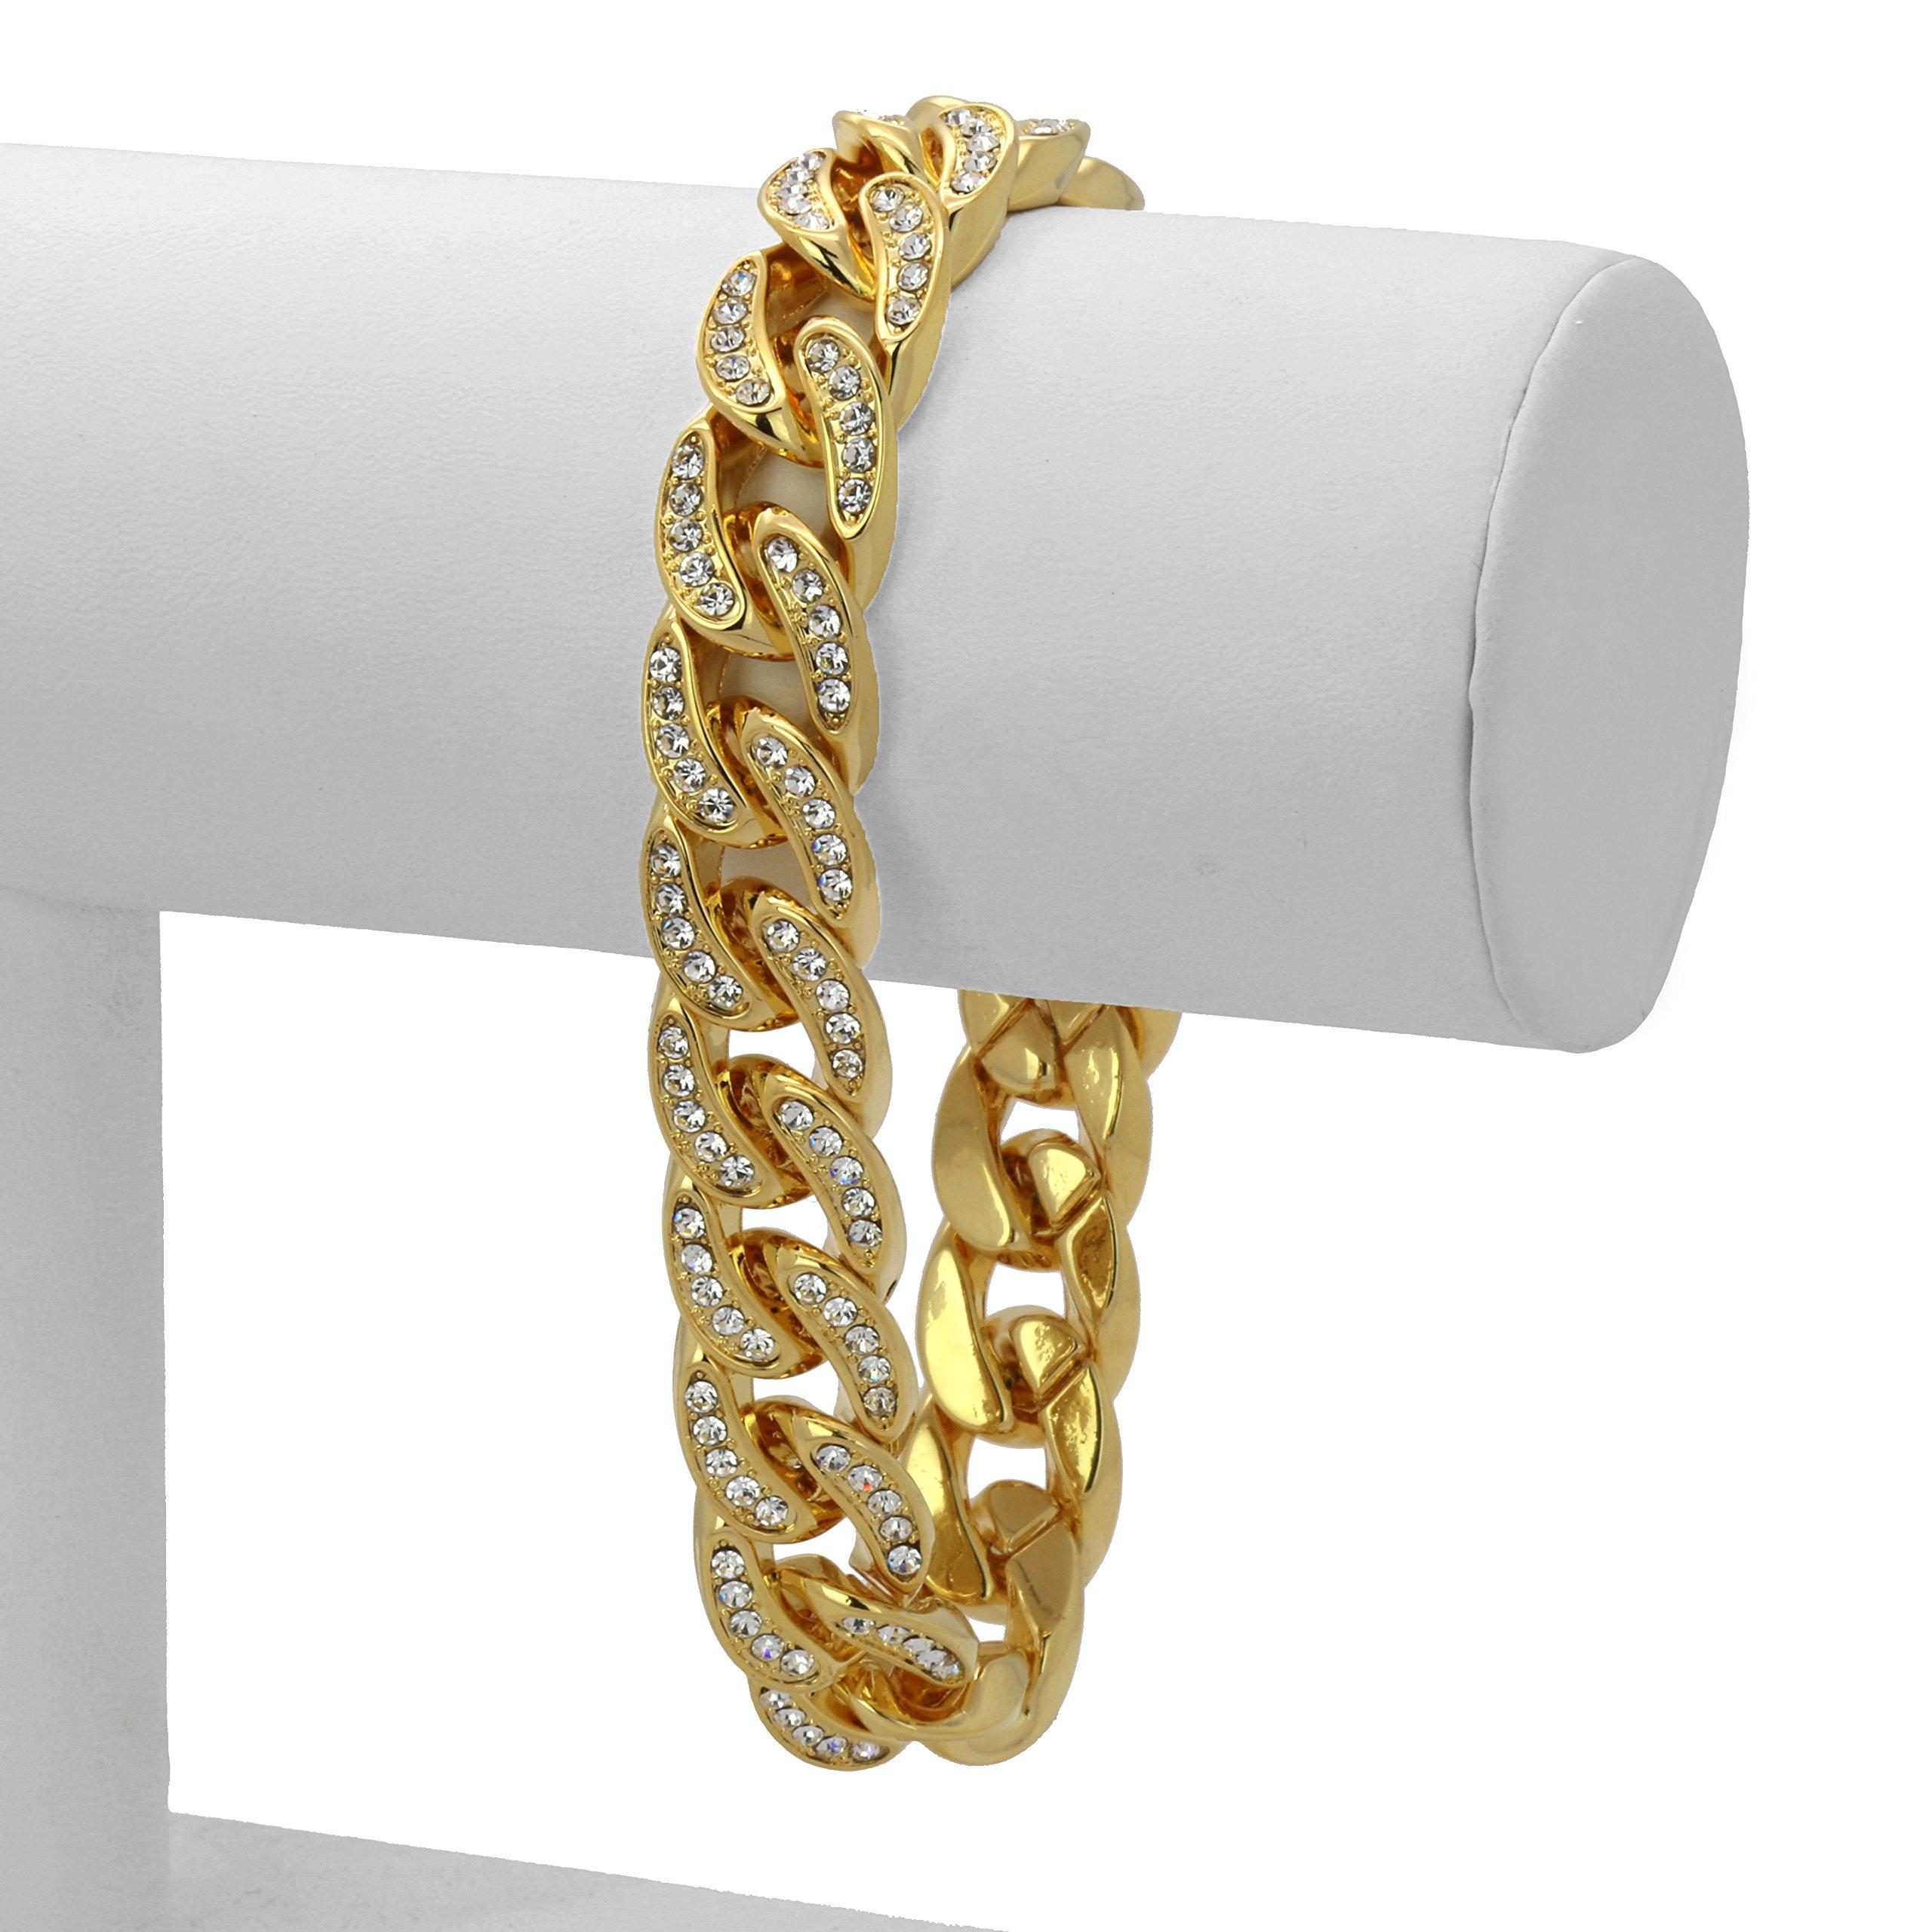 L & L Nation Gold Tone SS Cuban Link Iced Out Clear Cz Stones Hip Hop Bracelet 9'' Inch PLUS Cz Earrings SET